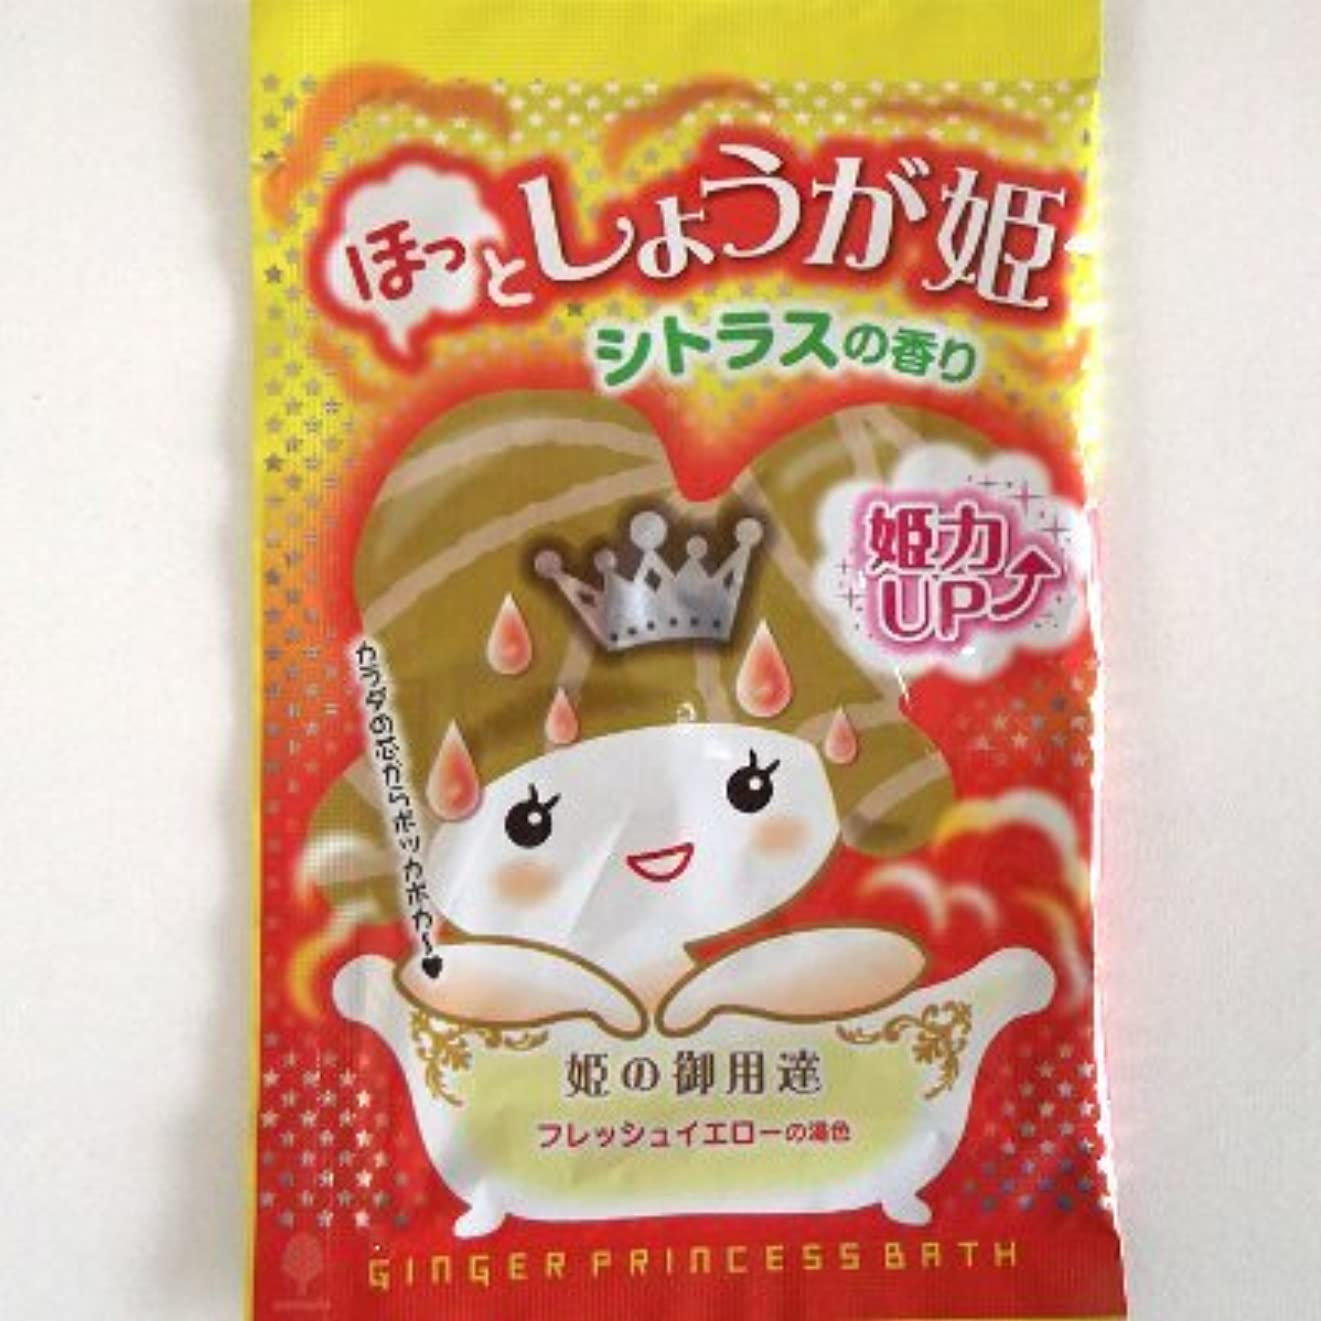 ぴかぴか尊敬するさわやか紀陽除虫菊 ほっとしょうが姫 シトラスの香り【まとめ買い12個セット】 N-8401